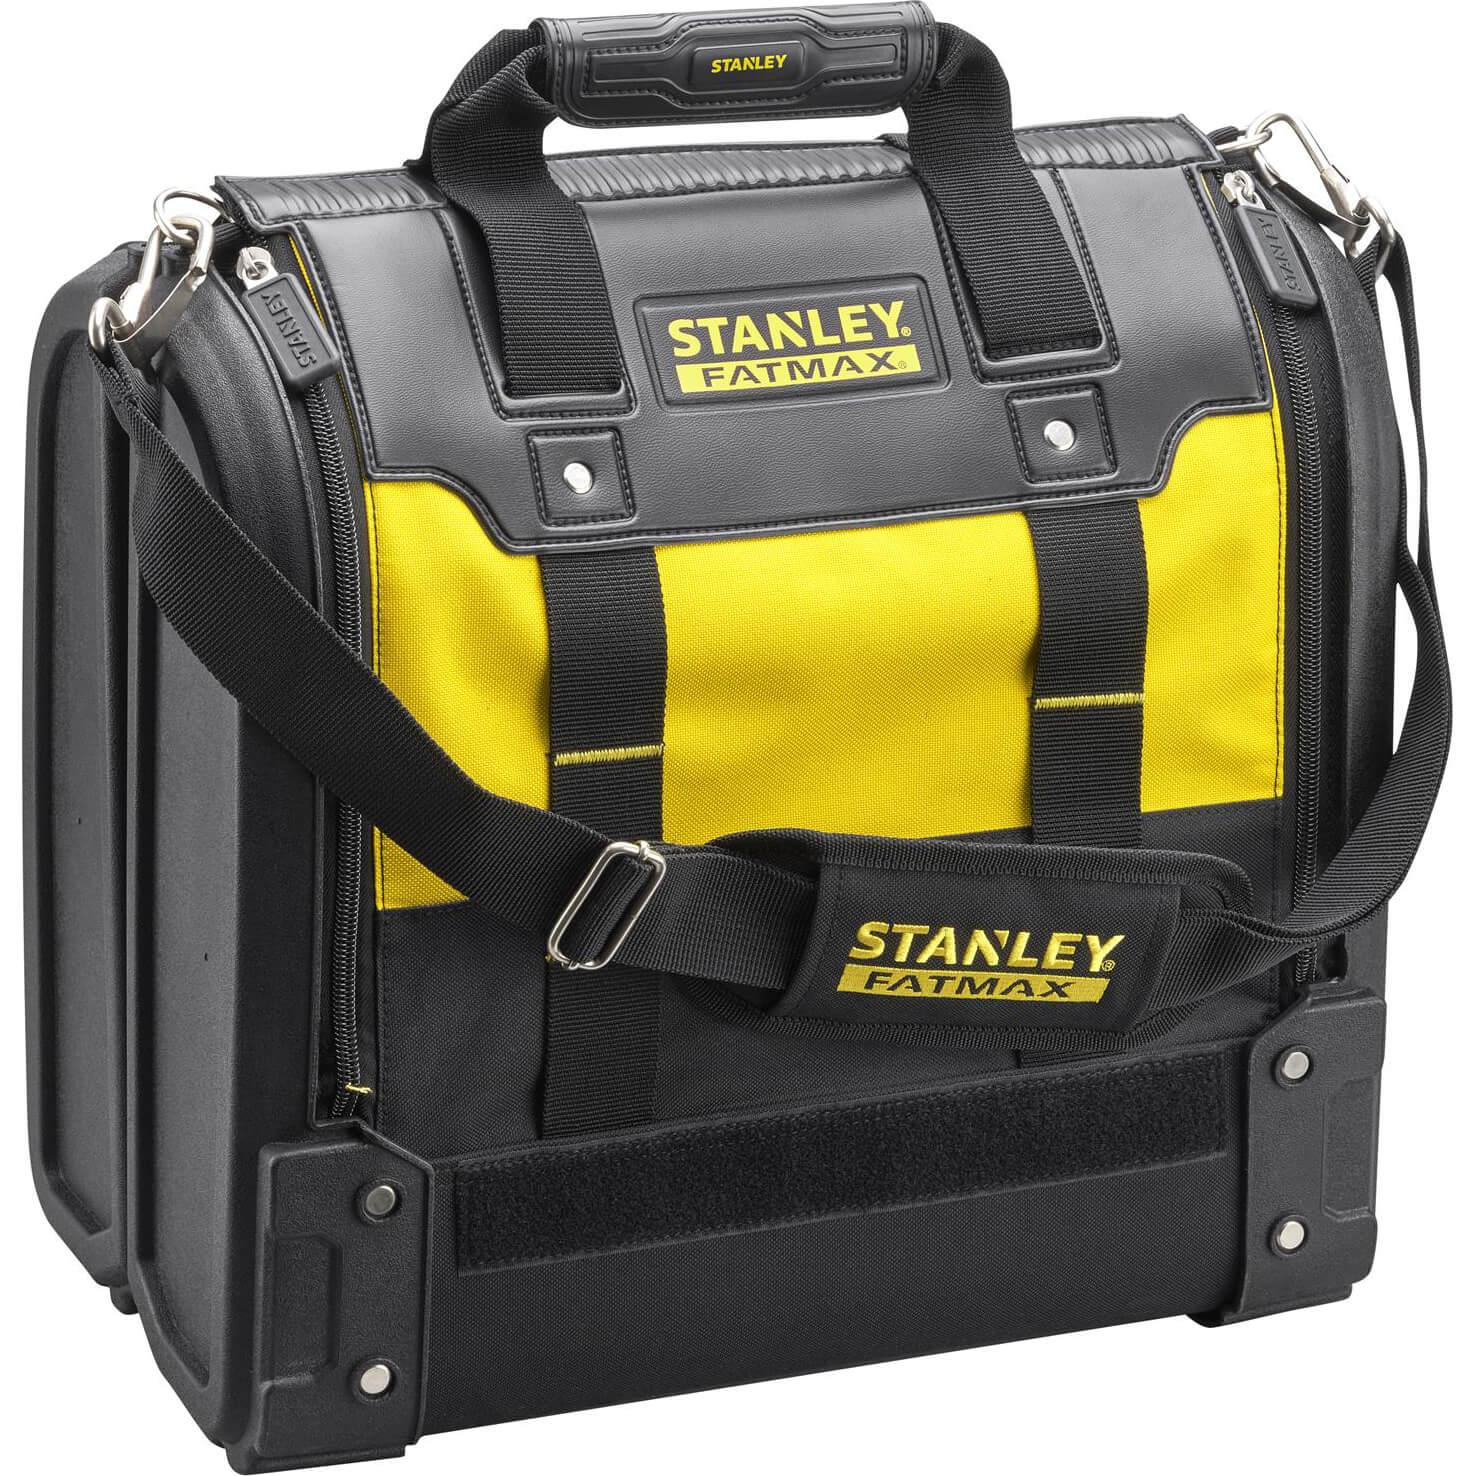 Stanley FatMax Organizer Tool Bag 15